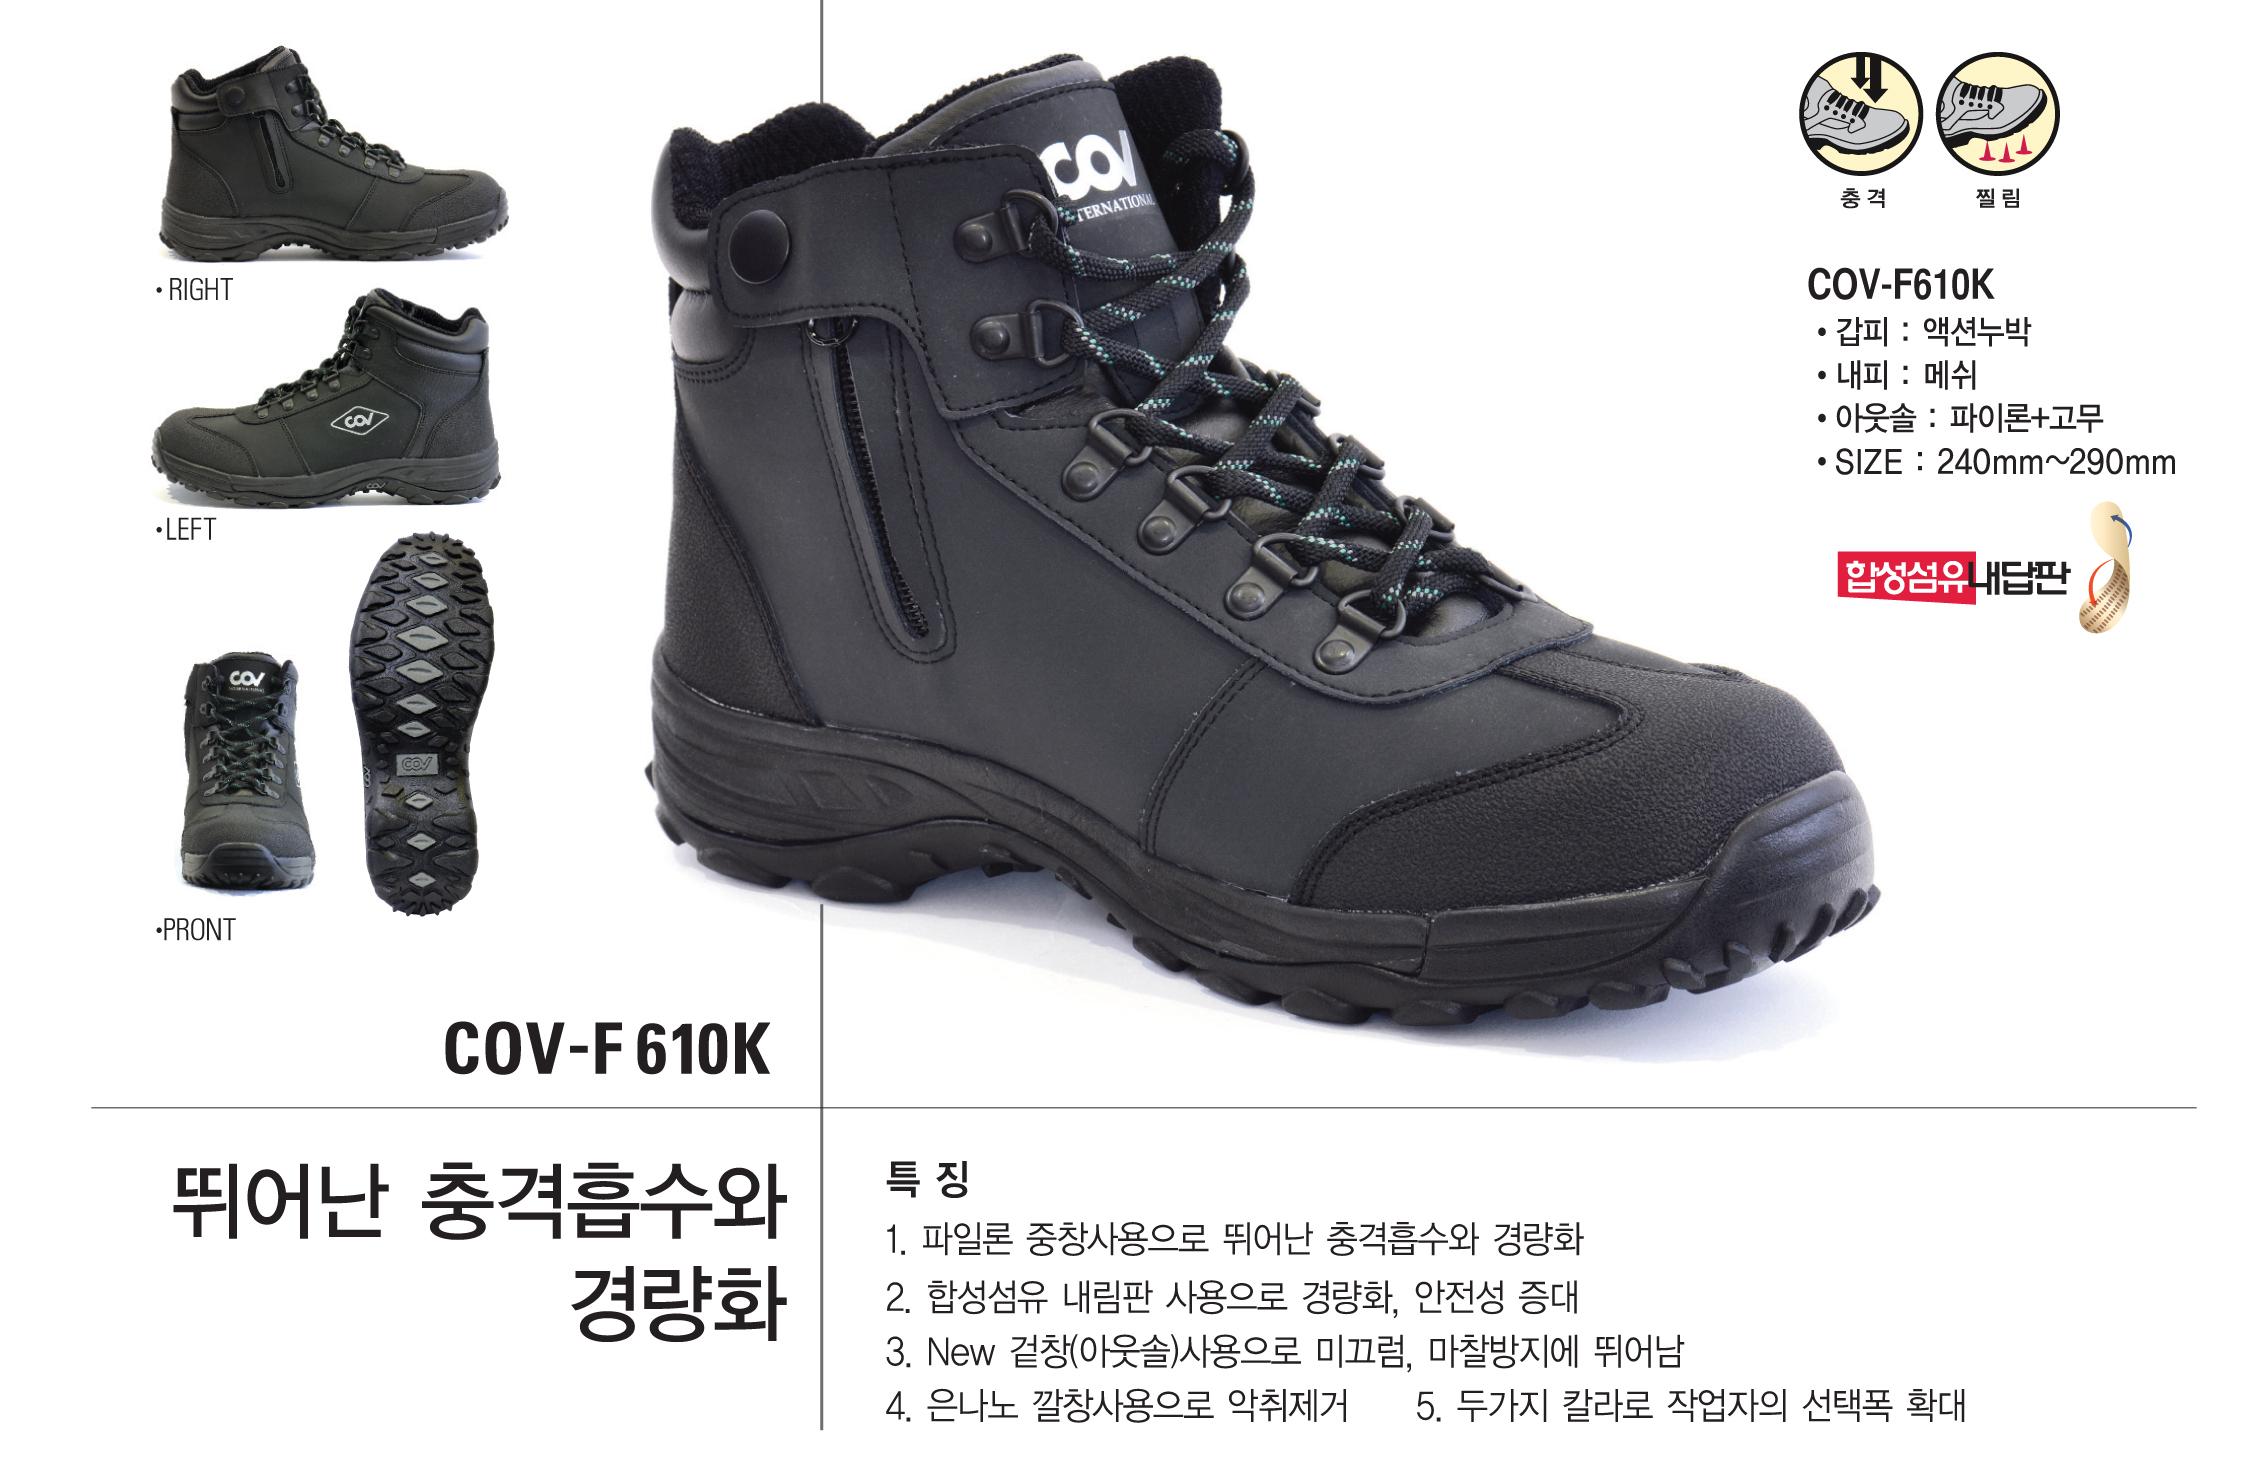 GIÀY BẢO HỘ HÀN QUỐC COV F610K